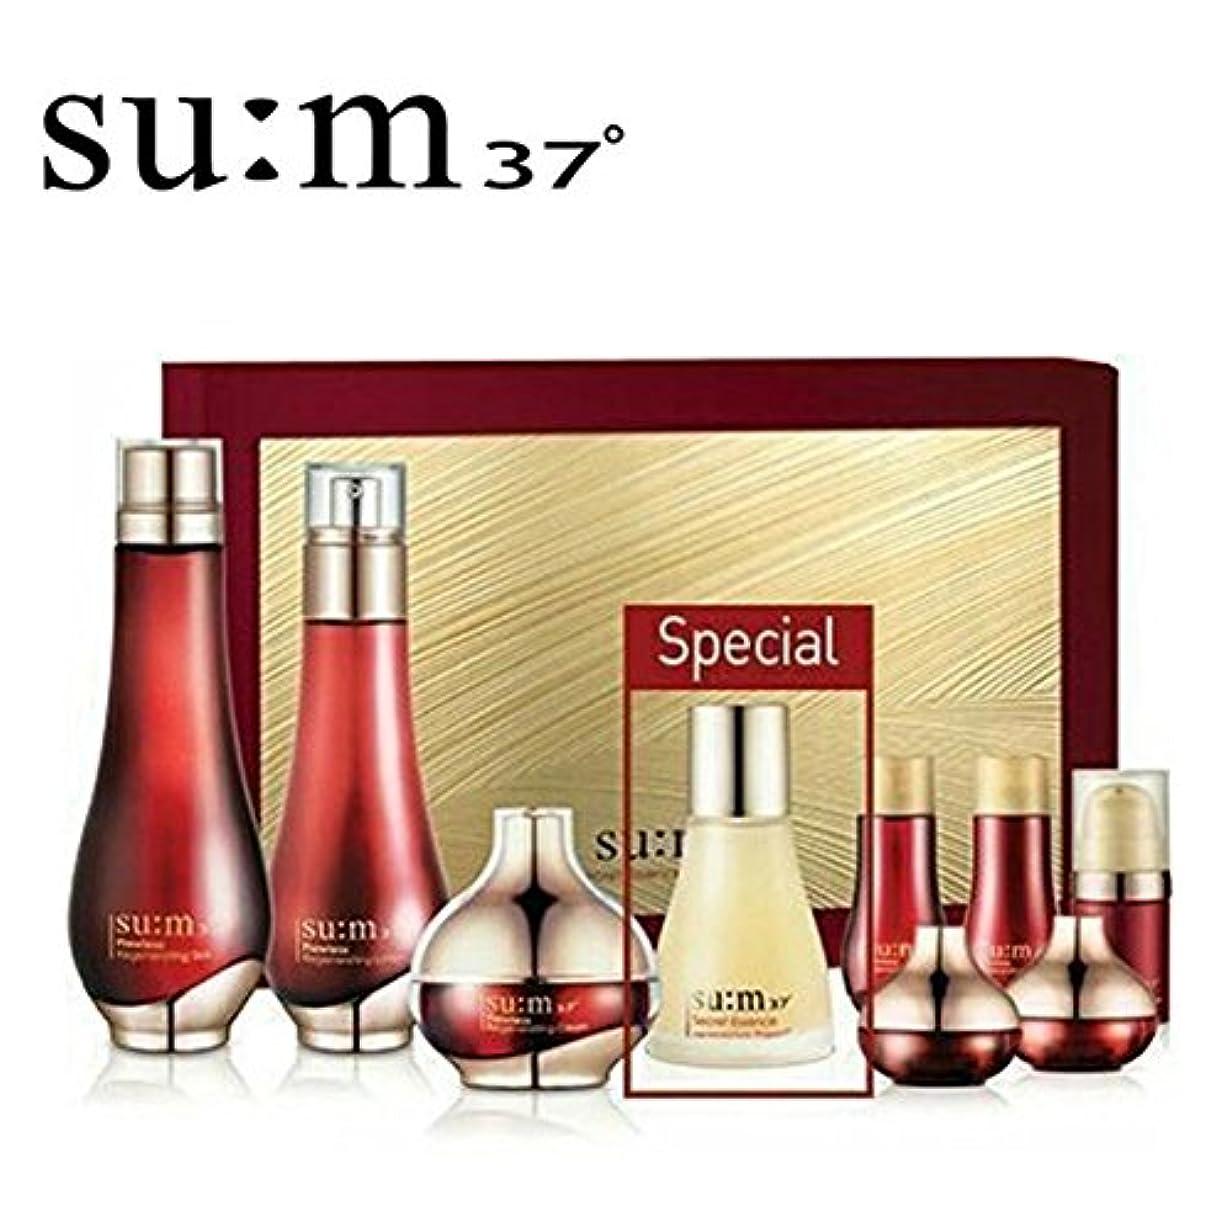 インテリアモニカ導出[su:m37/スム37°] SUM37 Flowless Special Set/ sum37 スム37? フローレス 3種 企画セット +[Sample Gift](海外直送品)